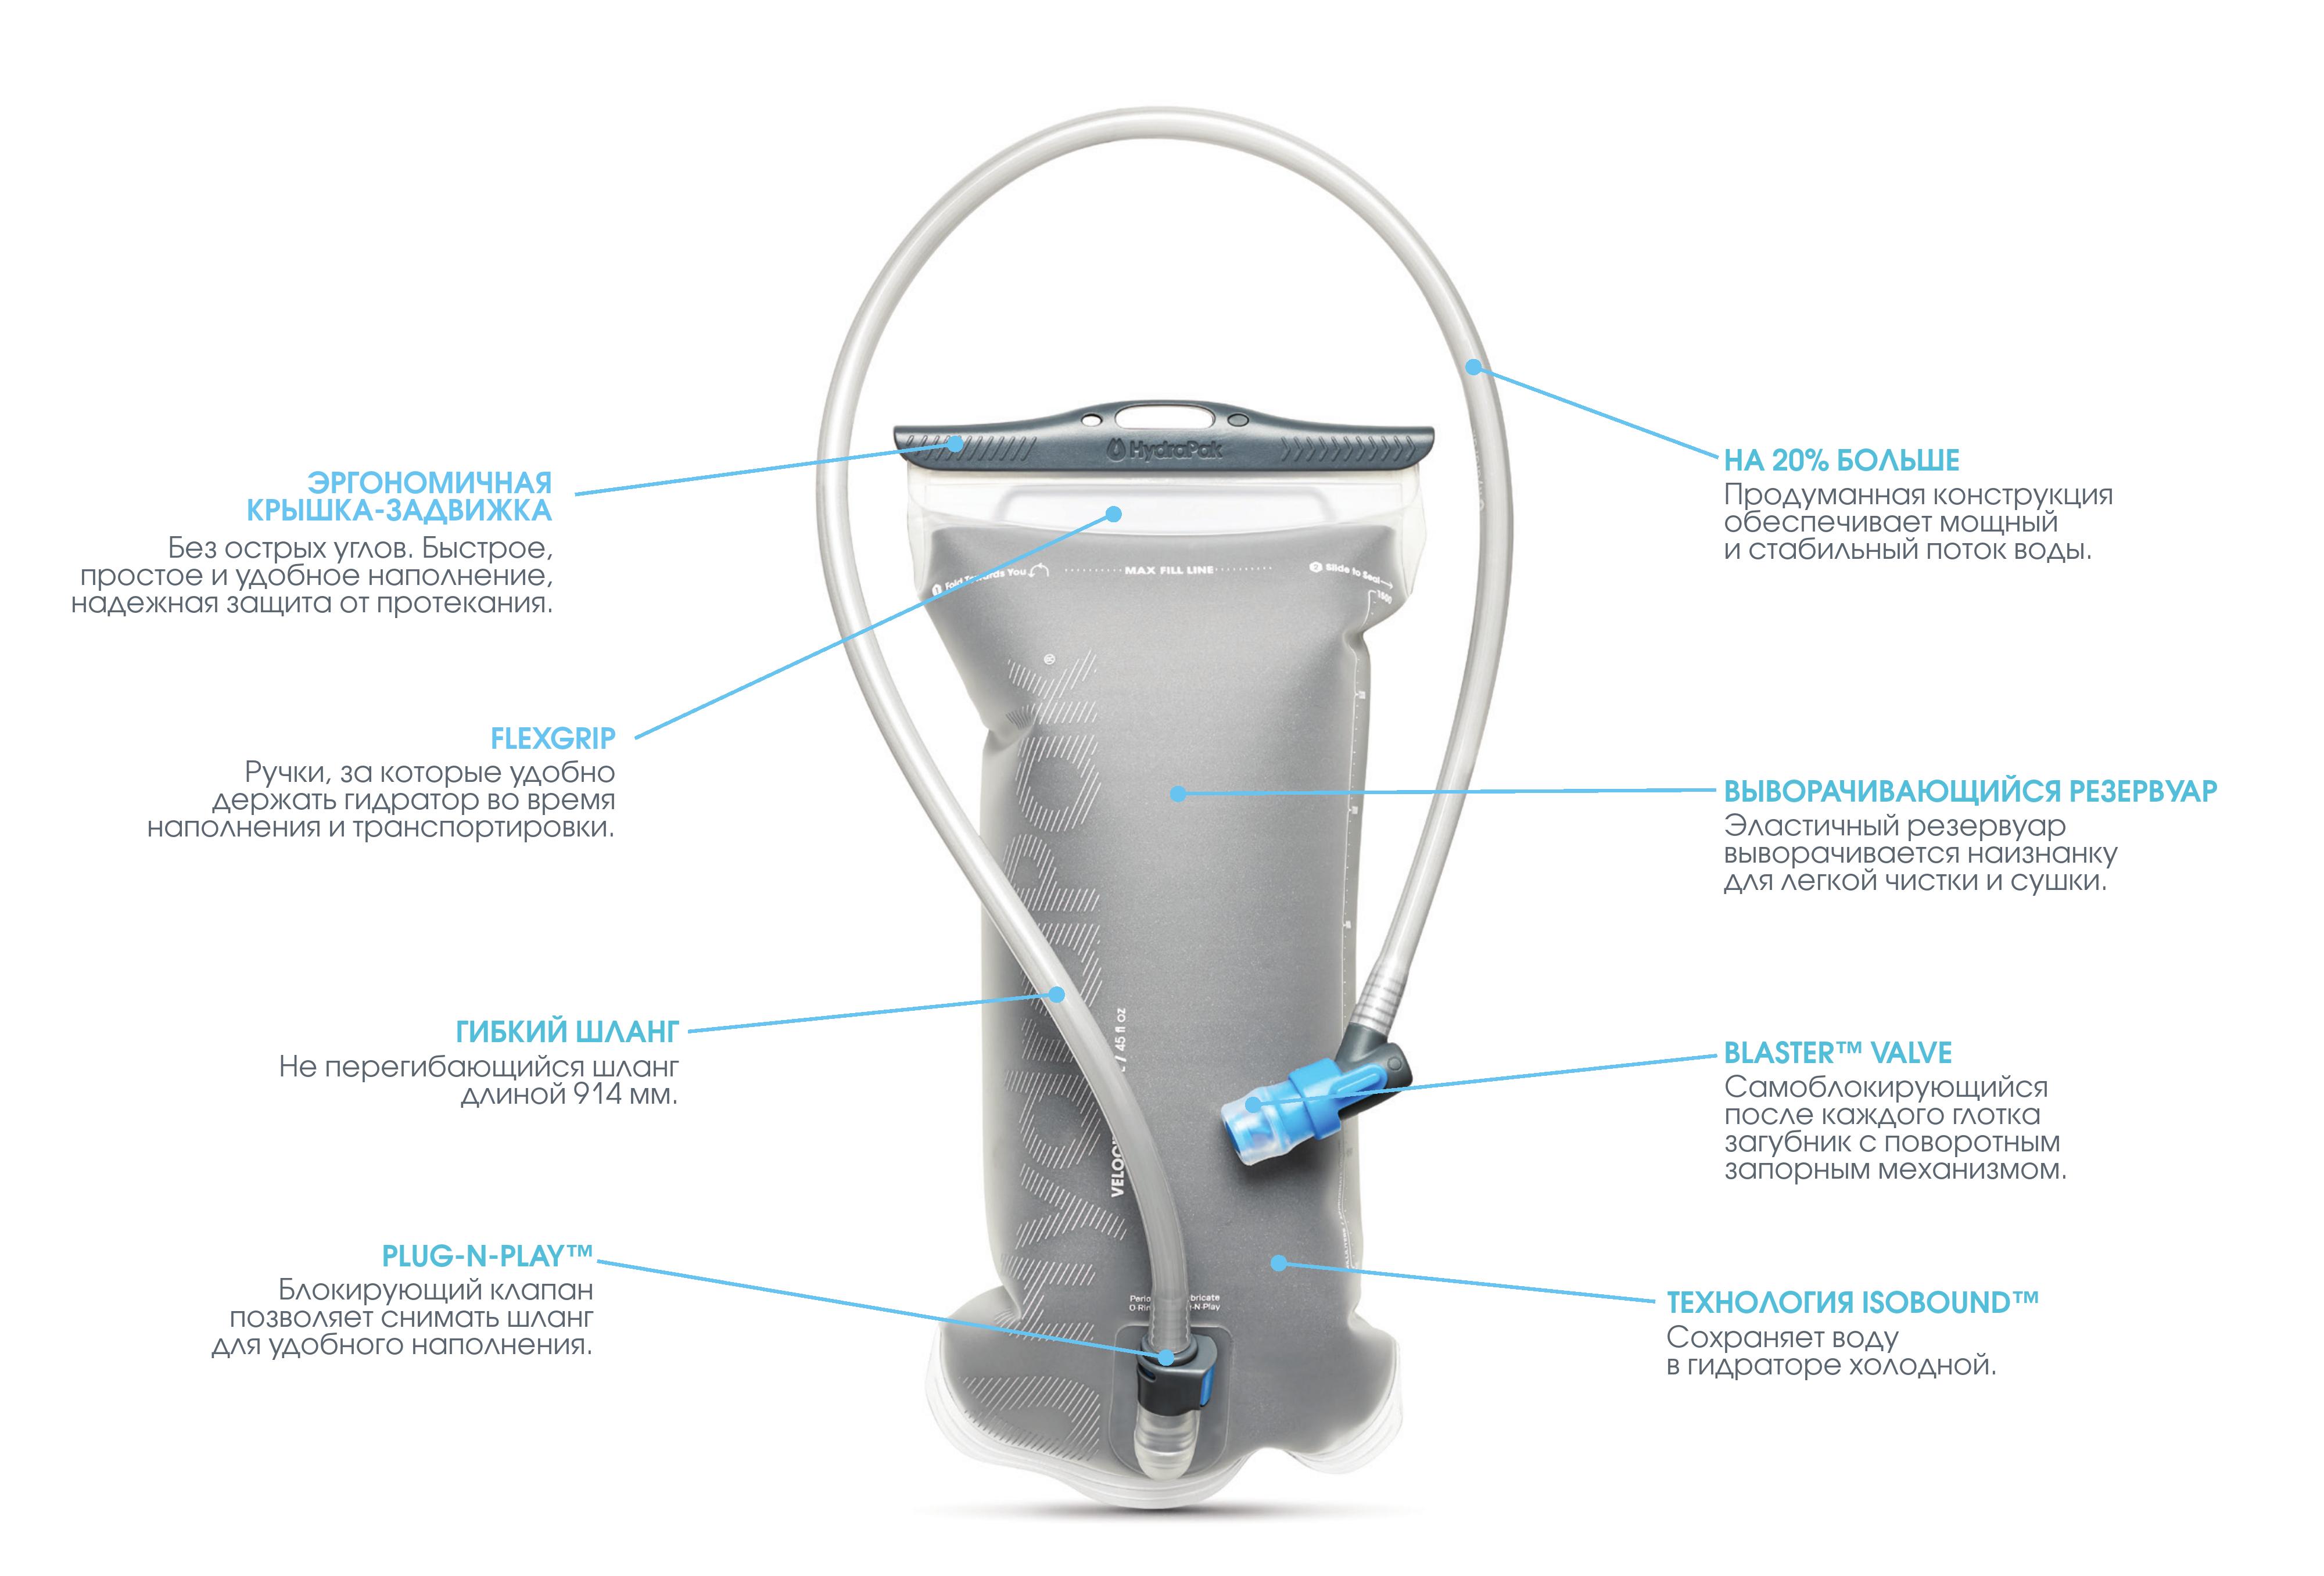 Особенности питьевой системы HydraPak Velocity IT